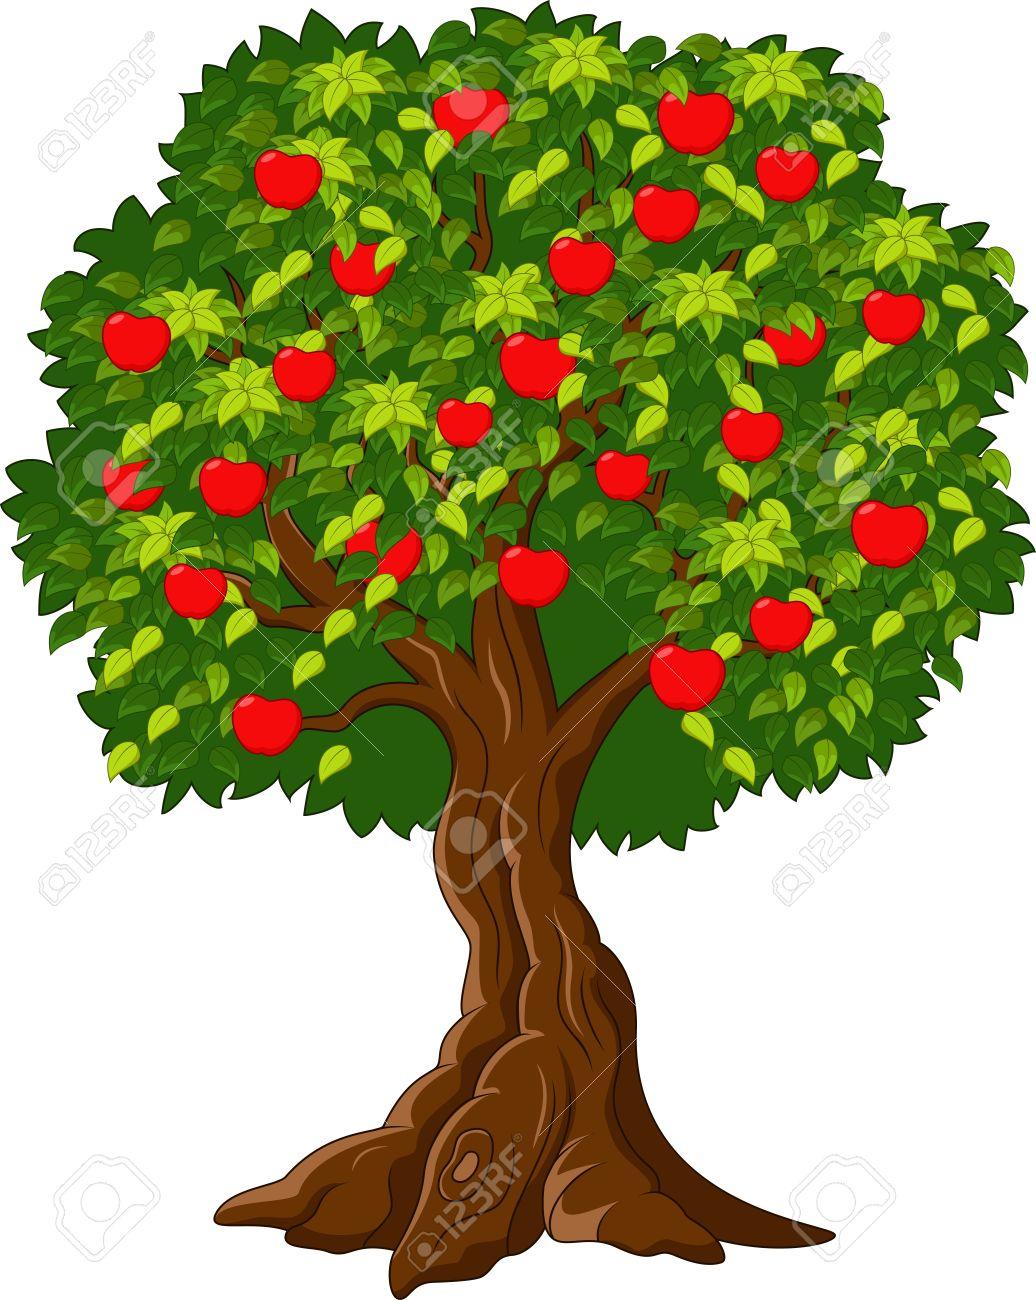 Image of Apple-Tree